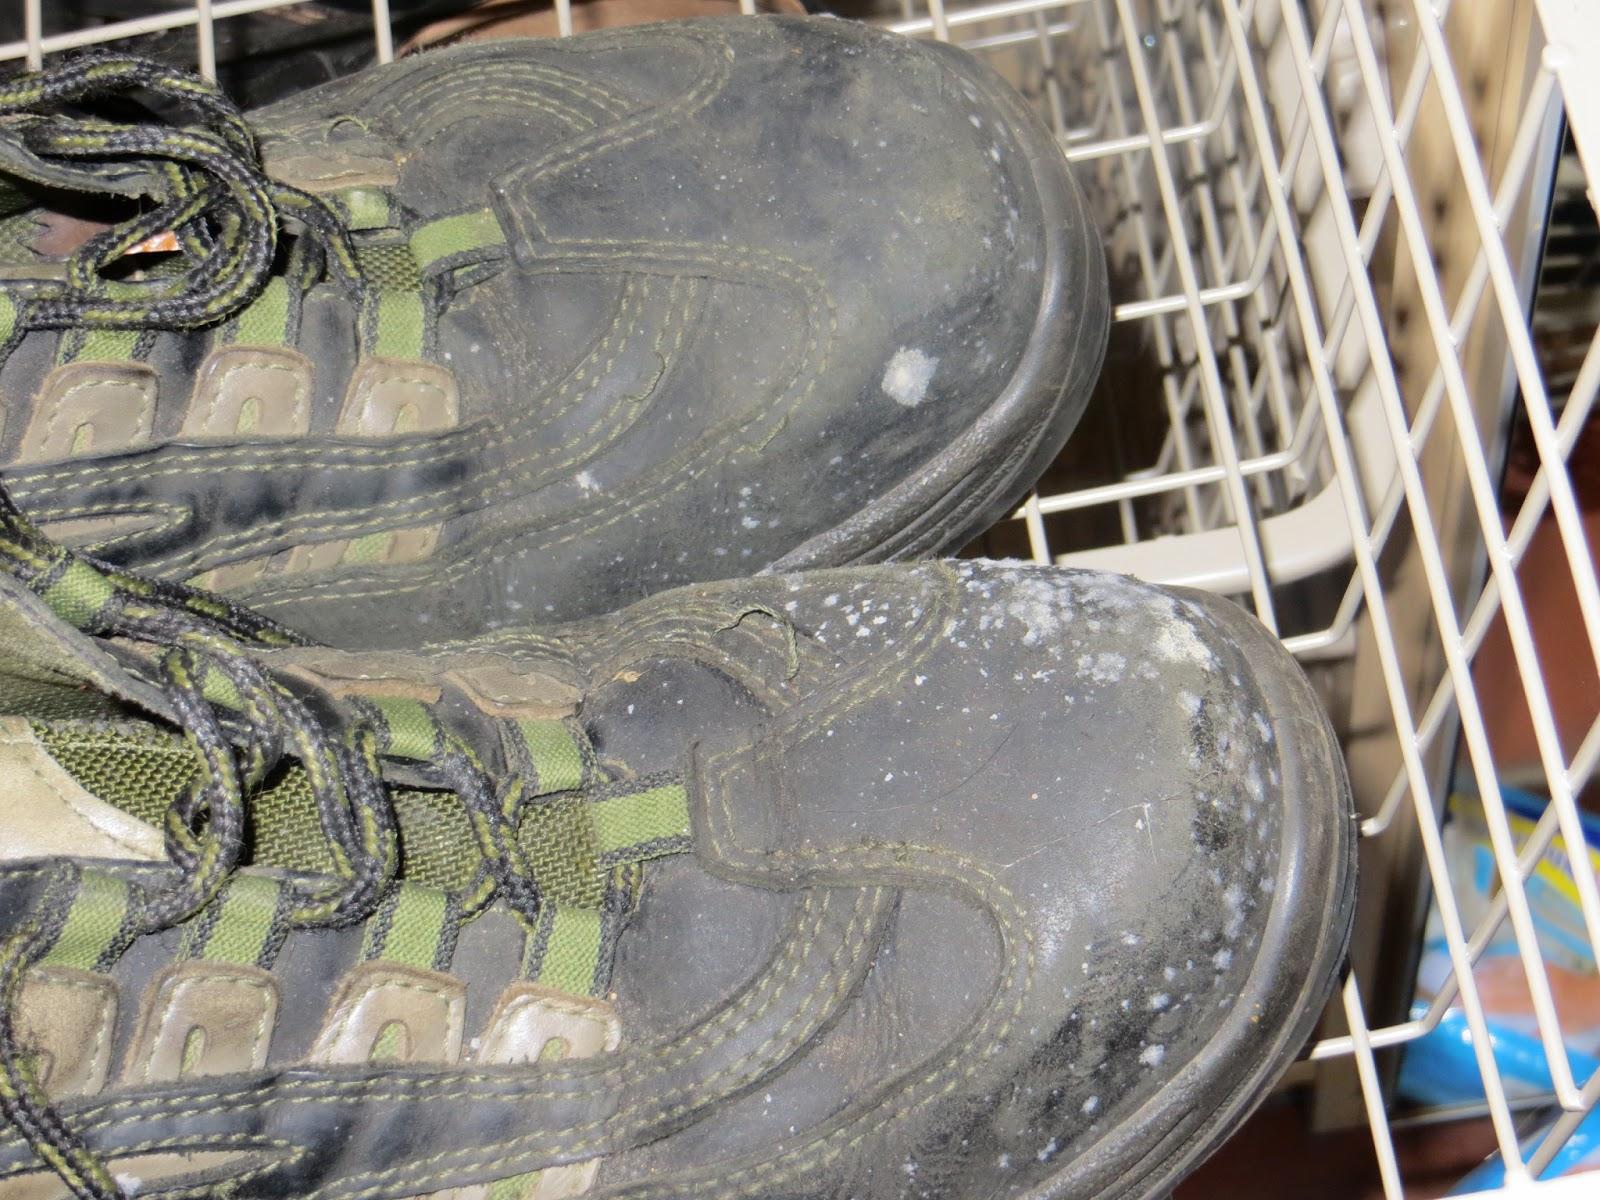 schimmel op schoenen in kast